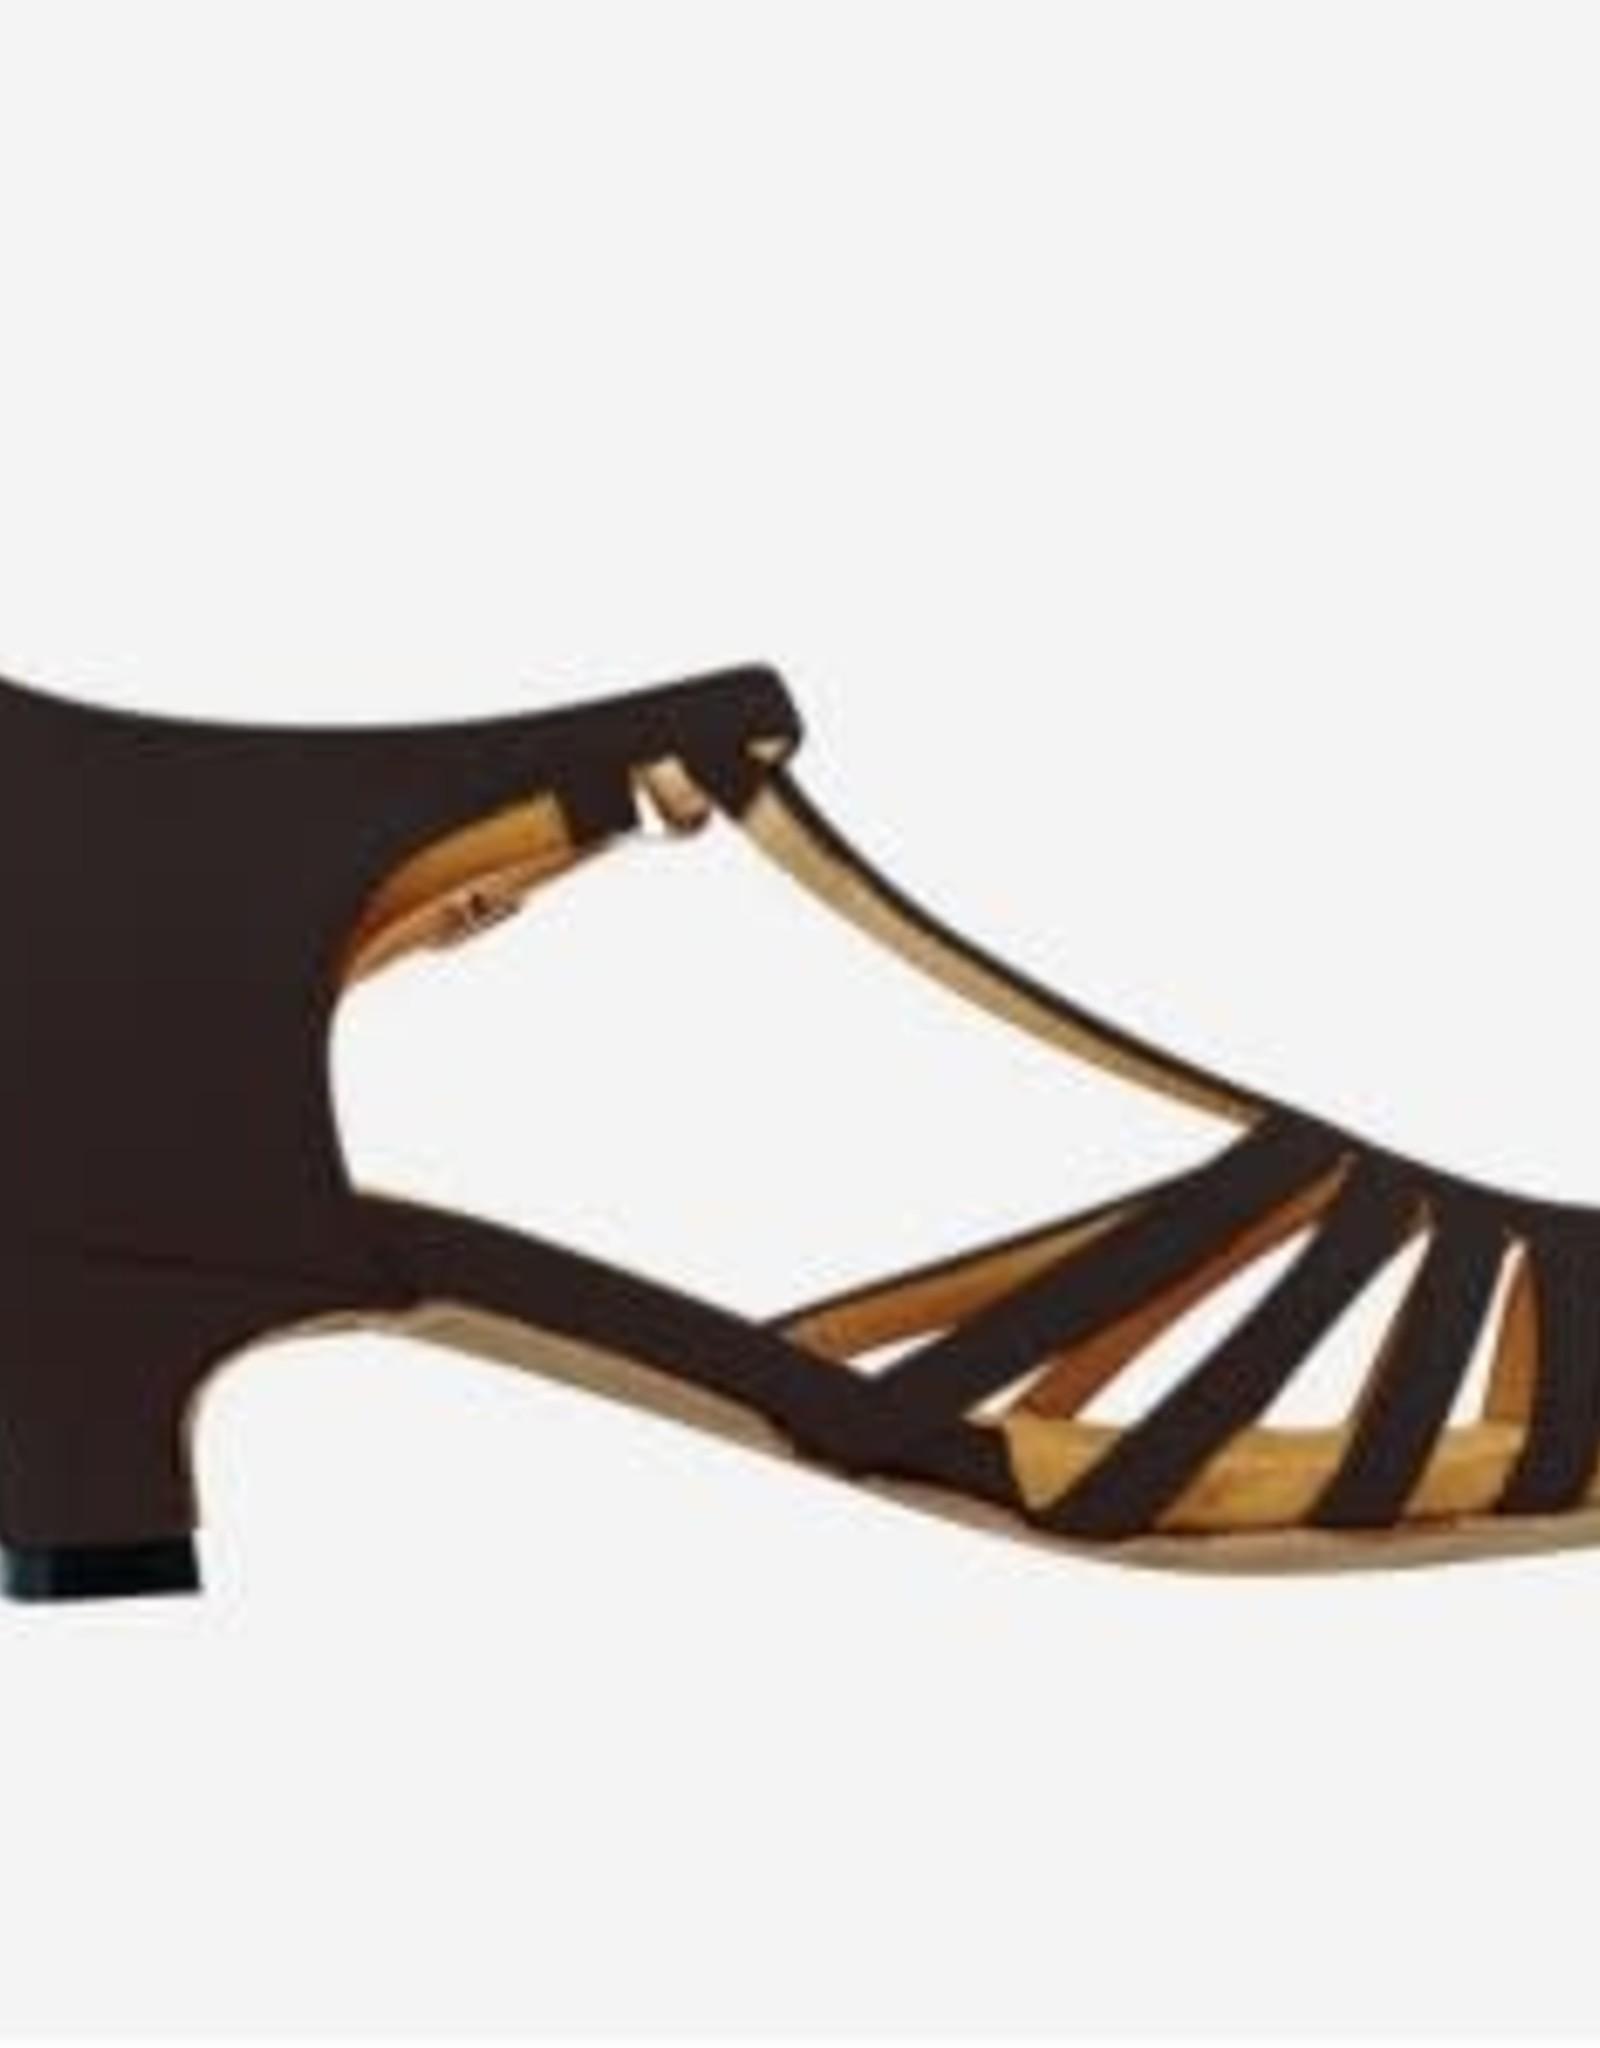 Radadancewear Sansha SOULIERS GRACIELA 3.81cm